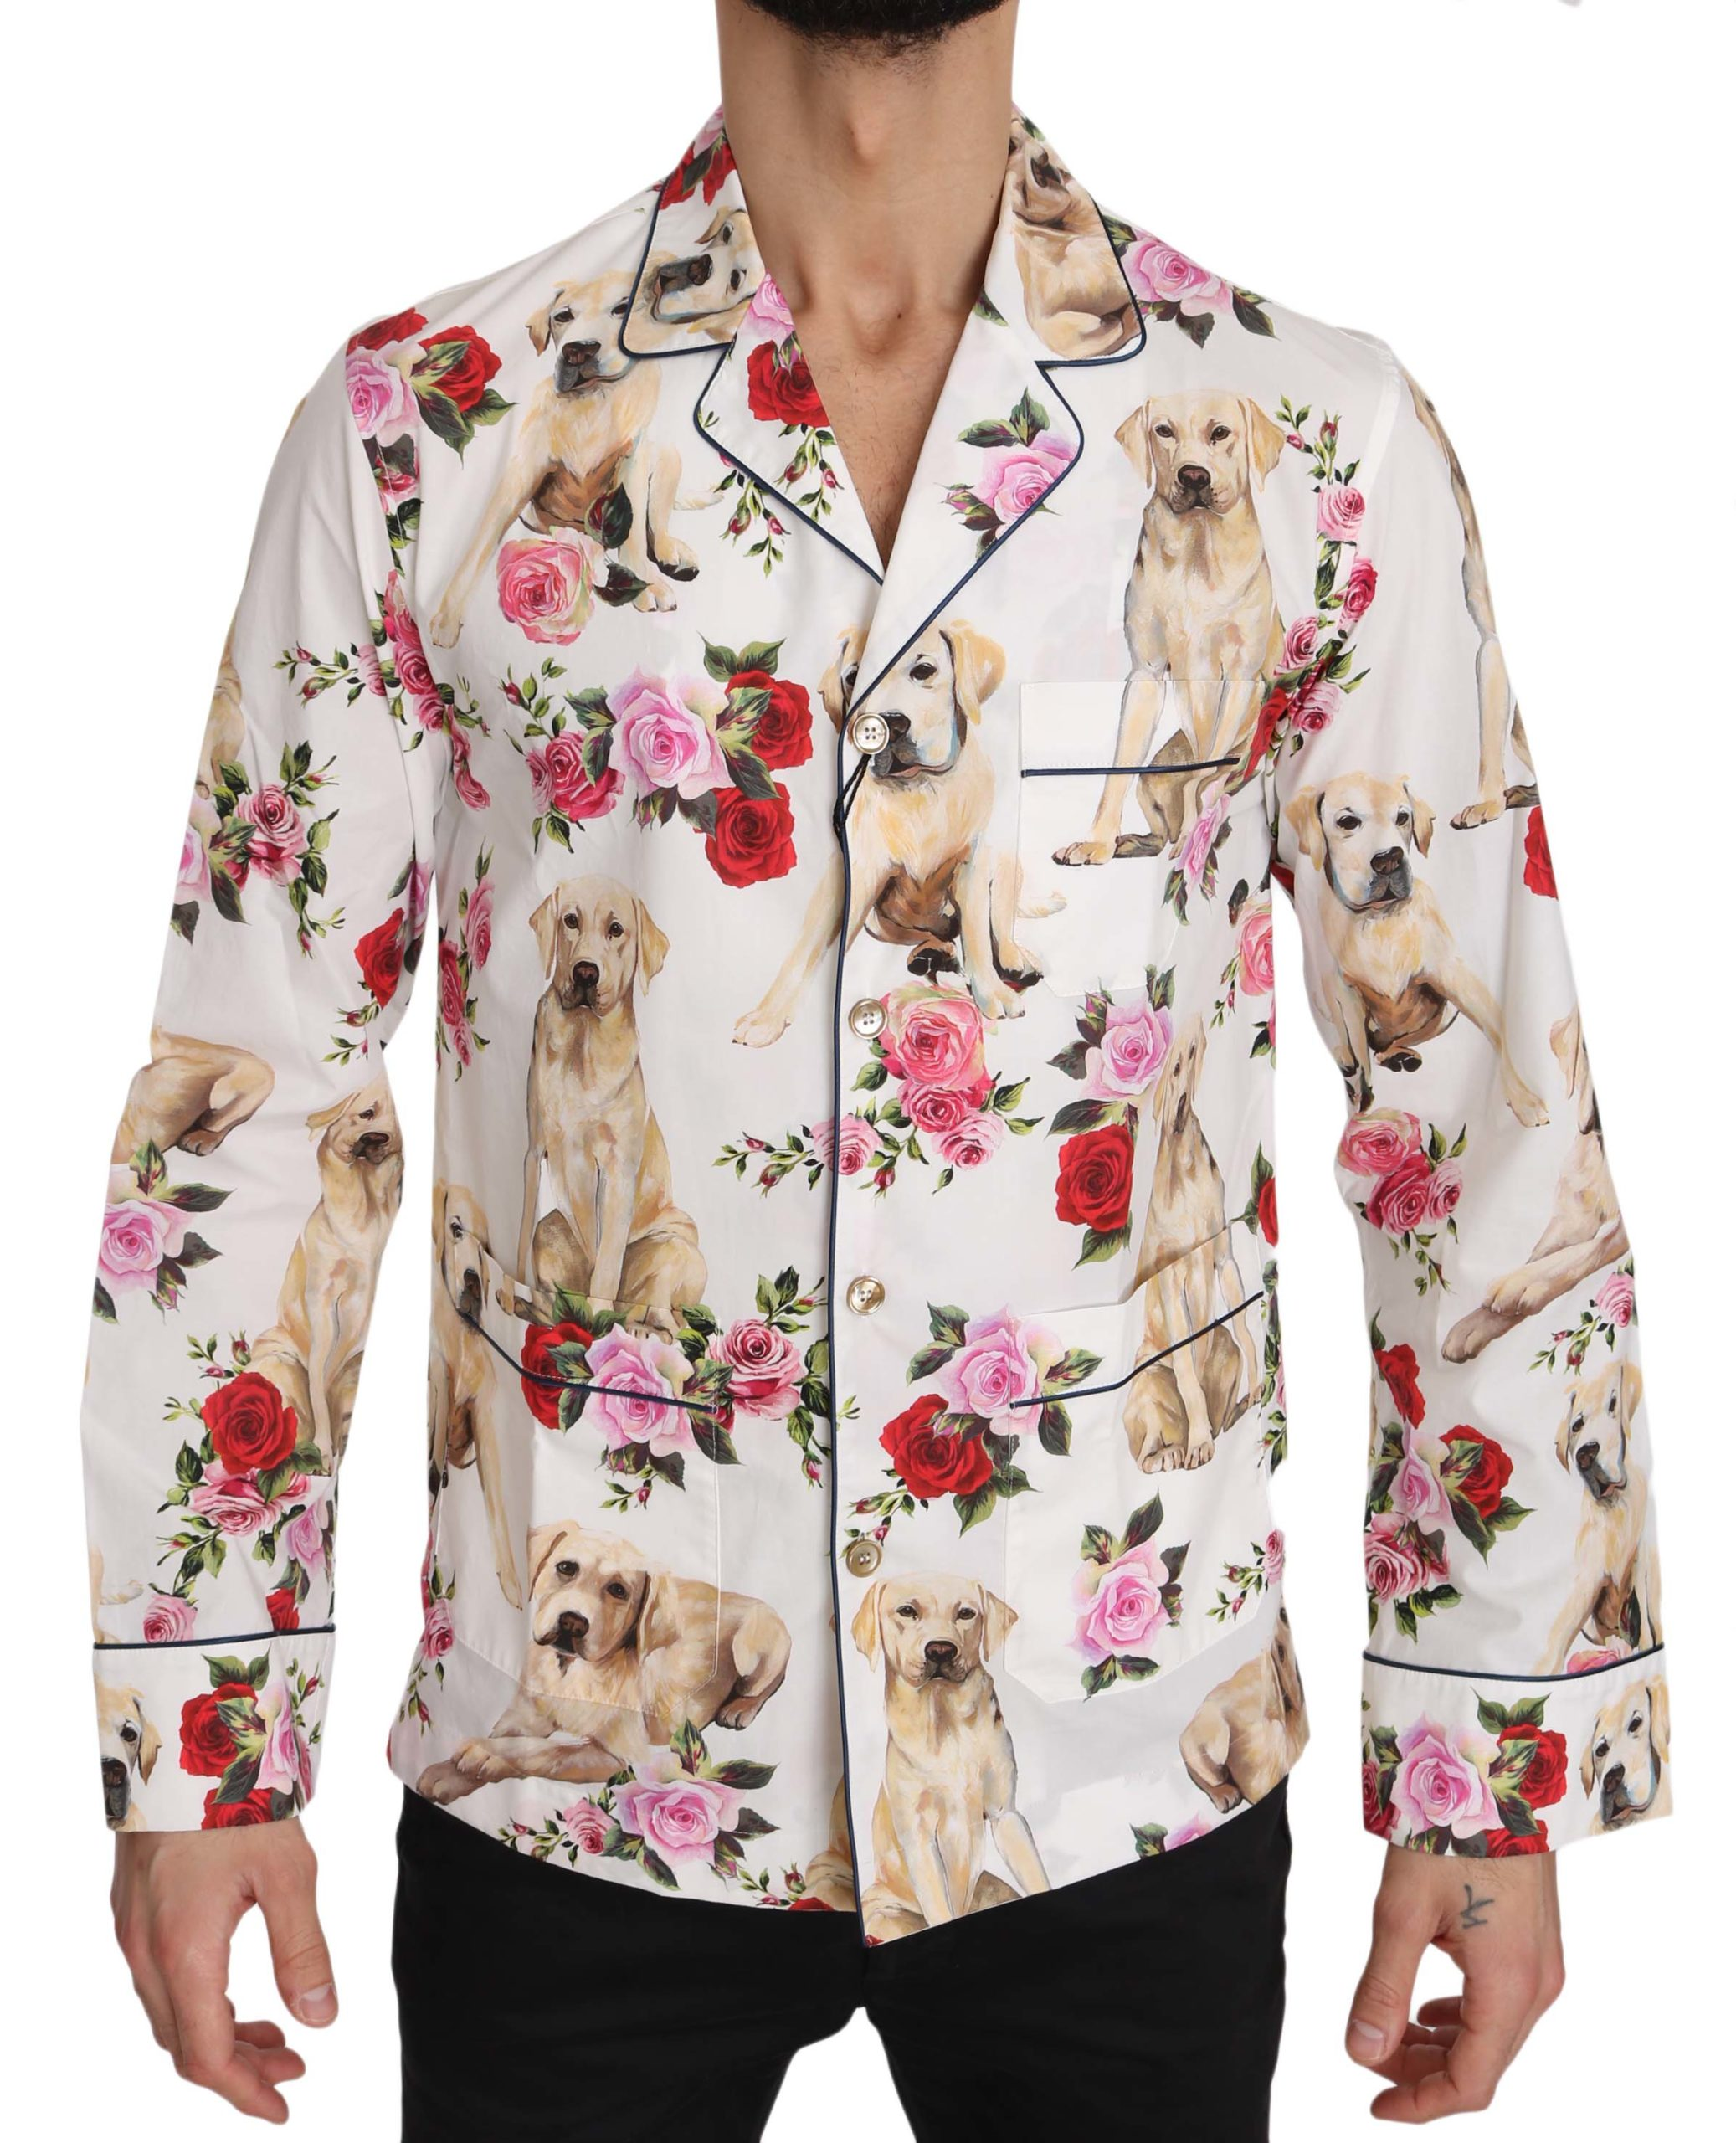 Dolce & Gabbana Men's Labrador Roses Cotton Shirt White TSH3362 - IT37 | XS